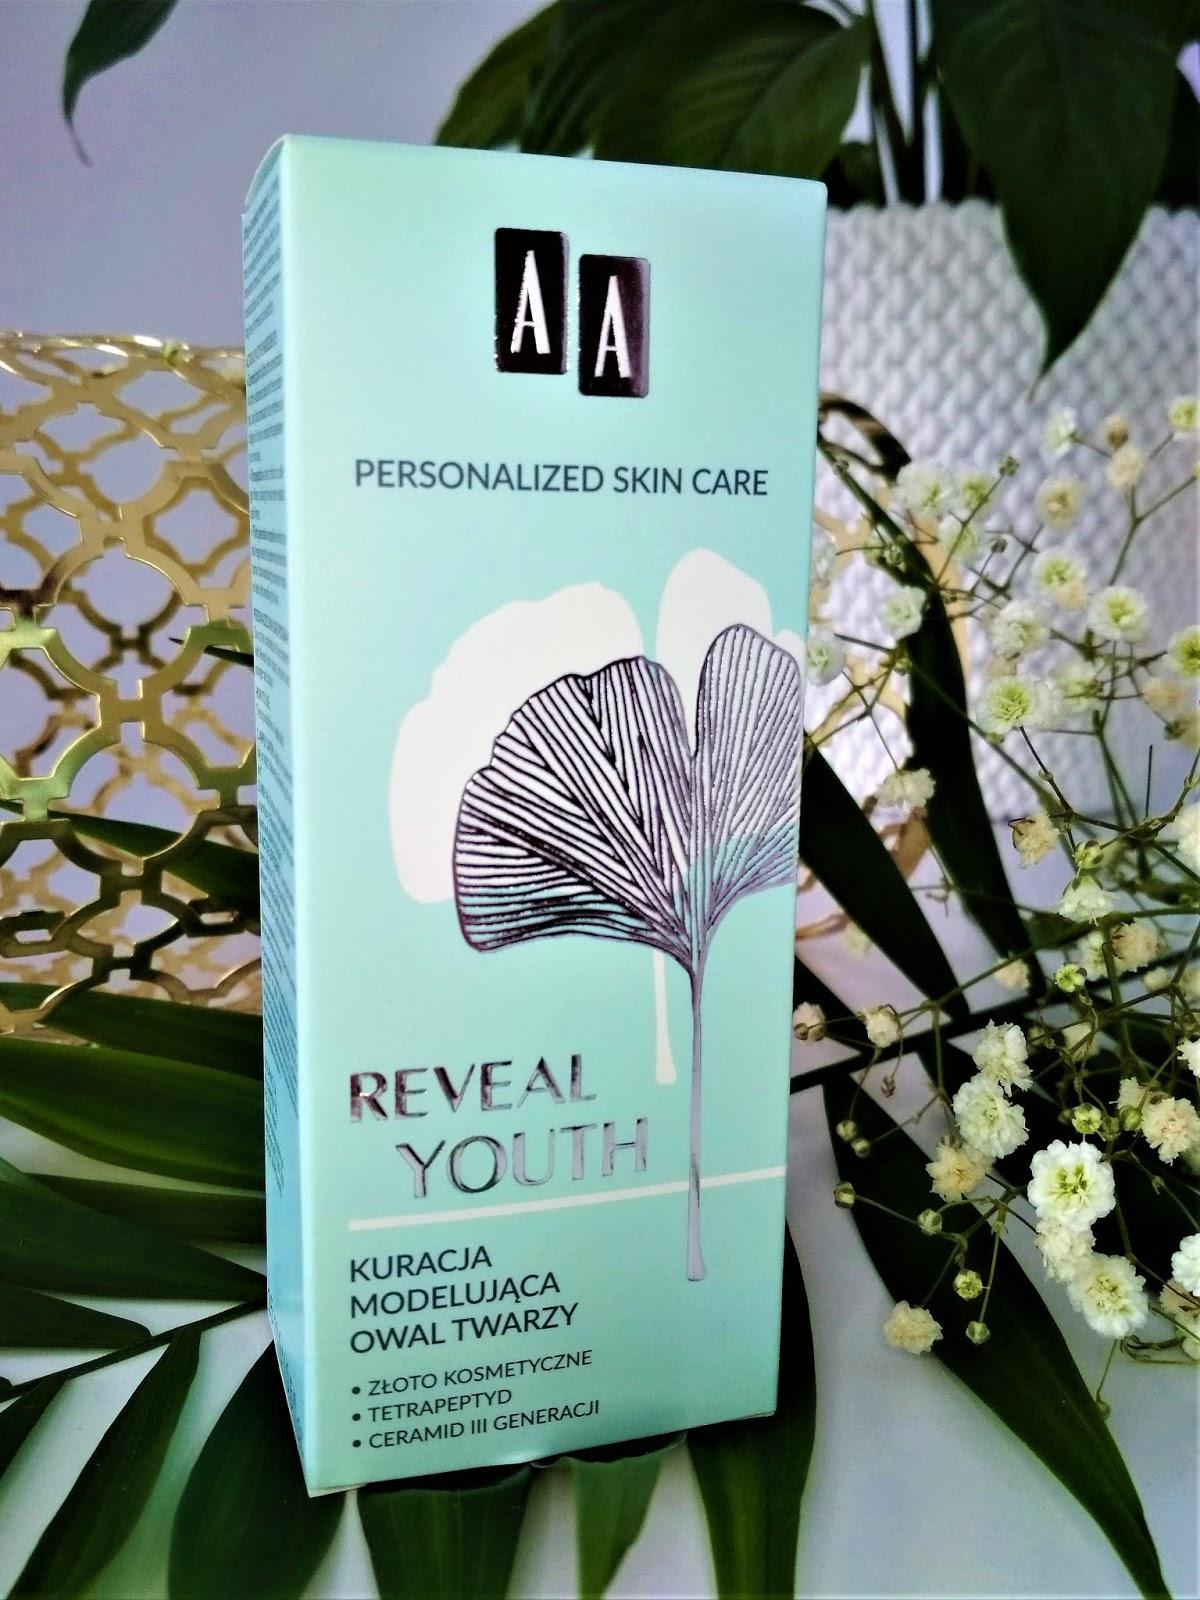 AA REVEAL YOUTH Krem antyoksydacyjny na dzień, Kuracja łagodząca zaczerwienienia i Kuracja modelująca owal twarzy, rumień emocjonalny, recenzja, recenzja kosmetyczna, pielęgnacja twarzy, kosmetyki, AA kosmetyki, AA cosmetics, aa oceanic, blog kosmetyczny, nowości kosmetyczne,